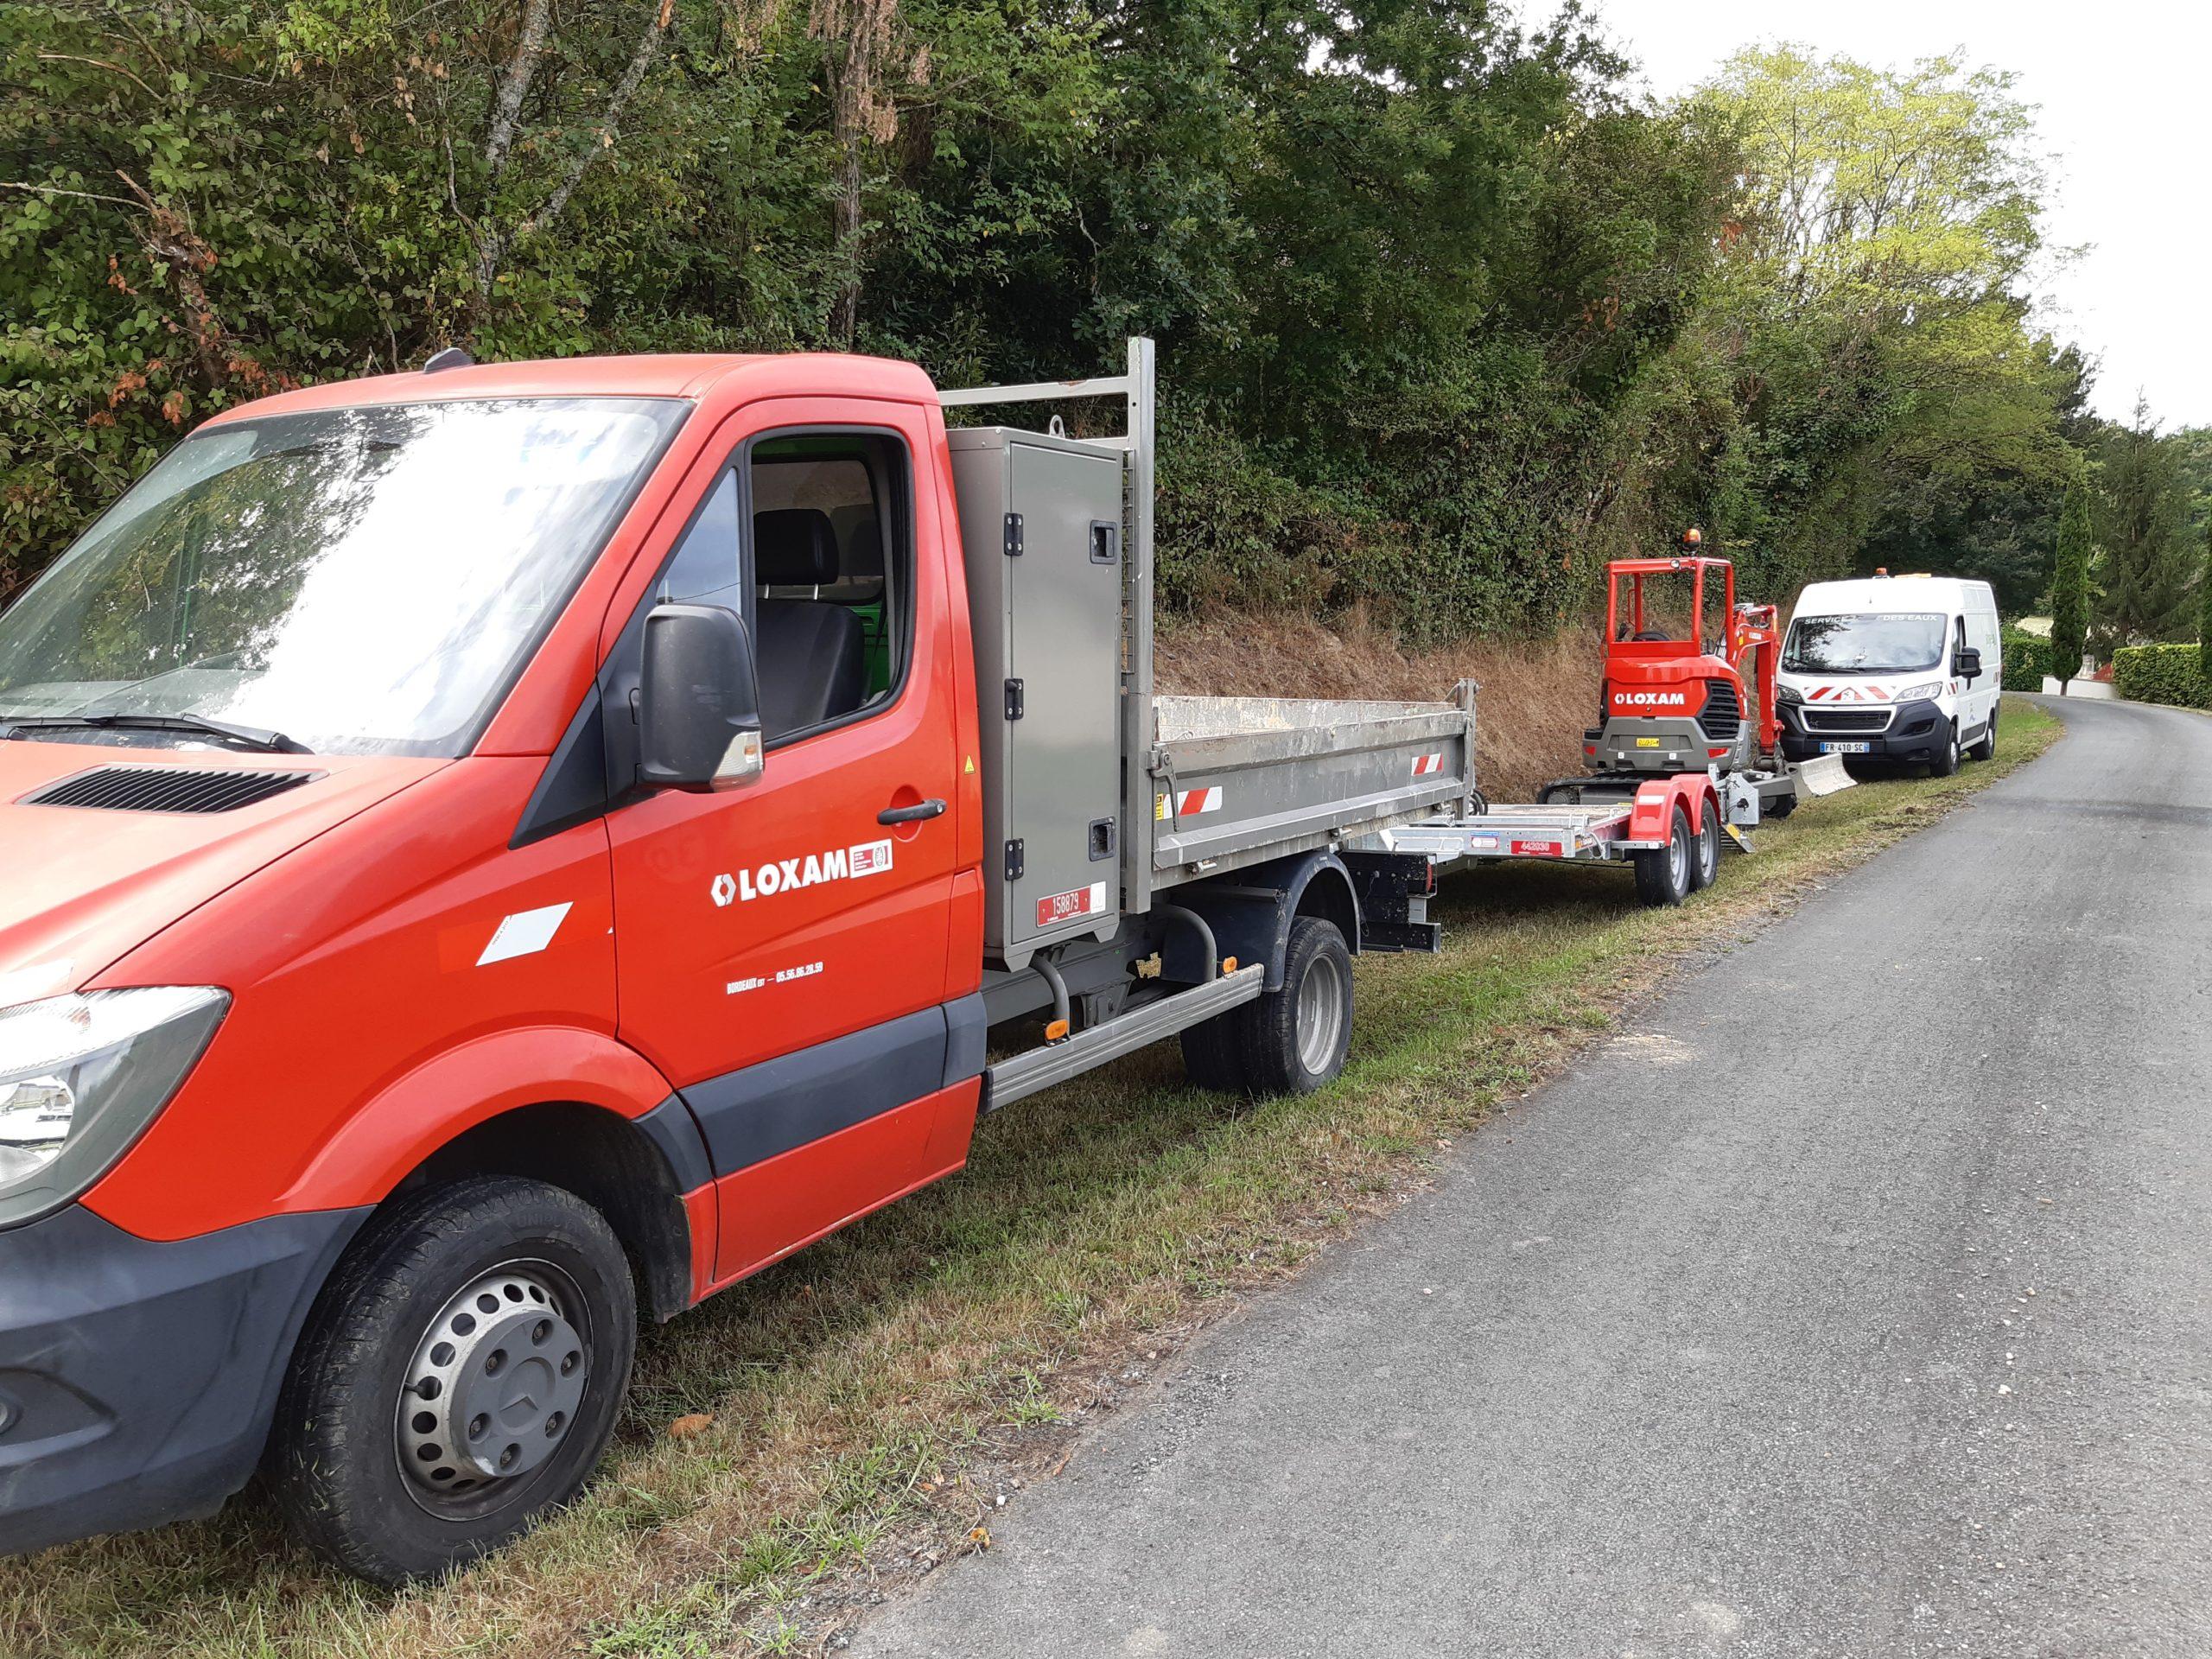 Ruch et Mauriac (Gironde) : flash info 03 (21 heures 53) : remise en eau opérée !